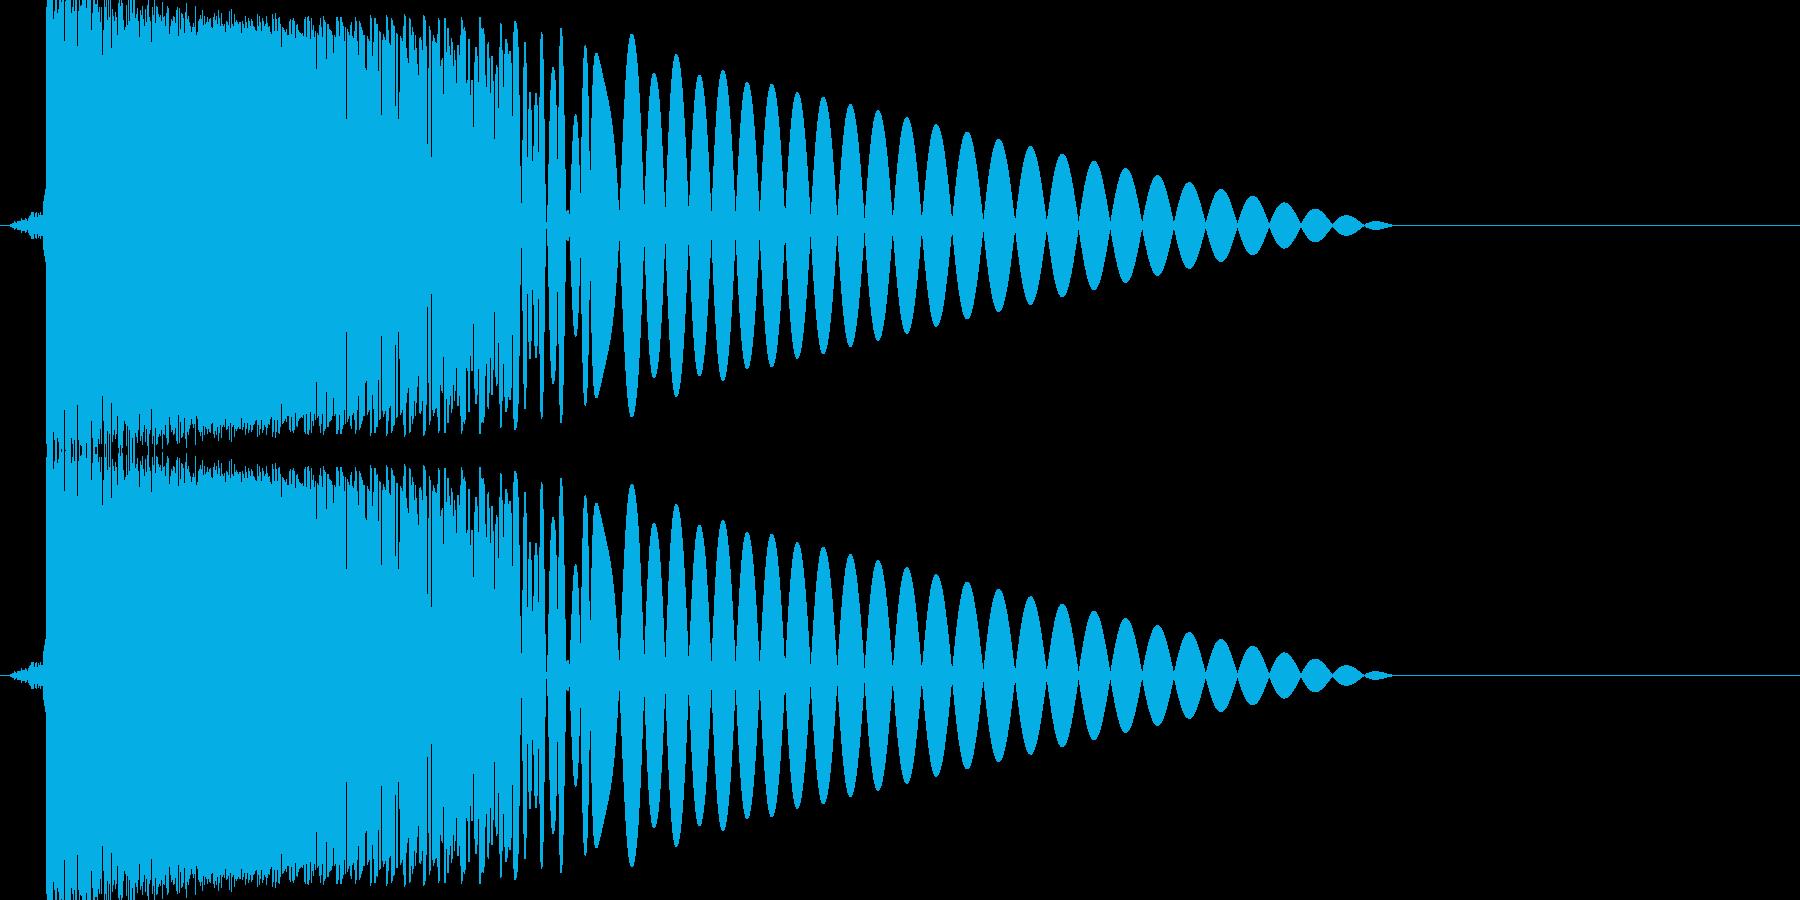 ズキュン!というレーザー発射音ですの再生済みの波形